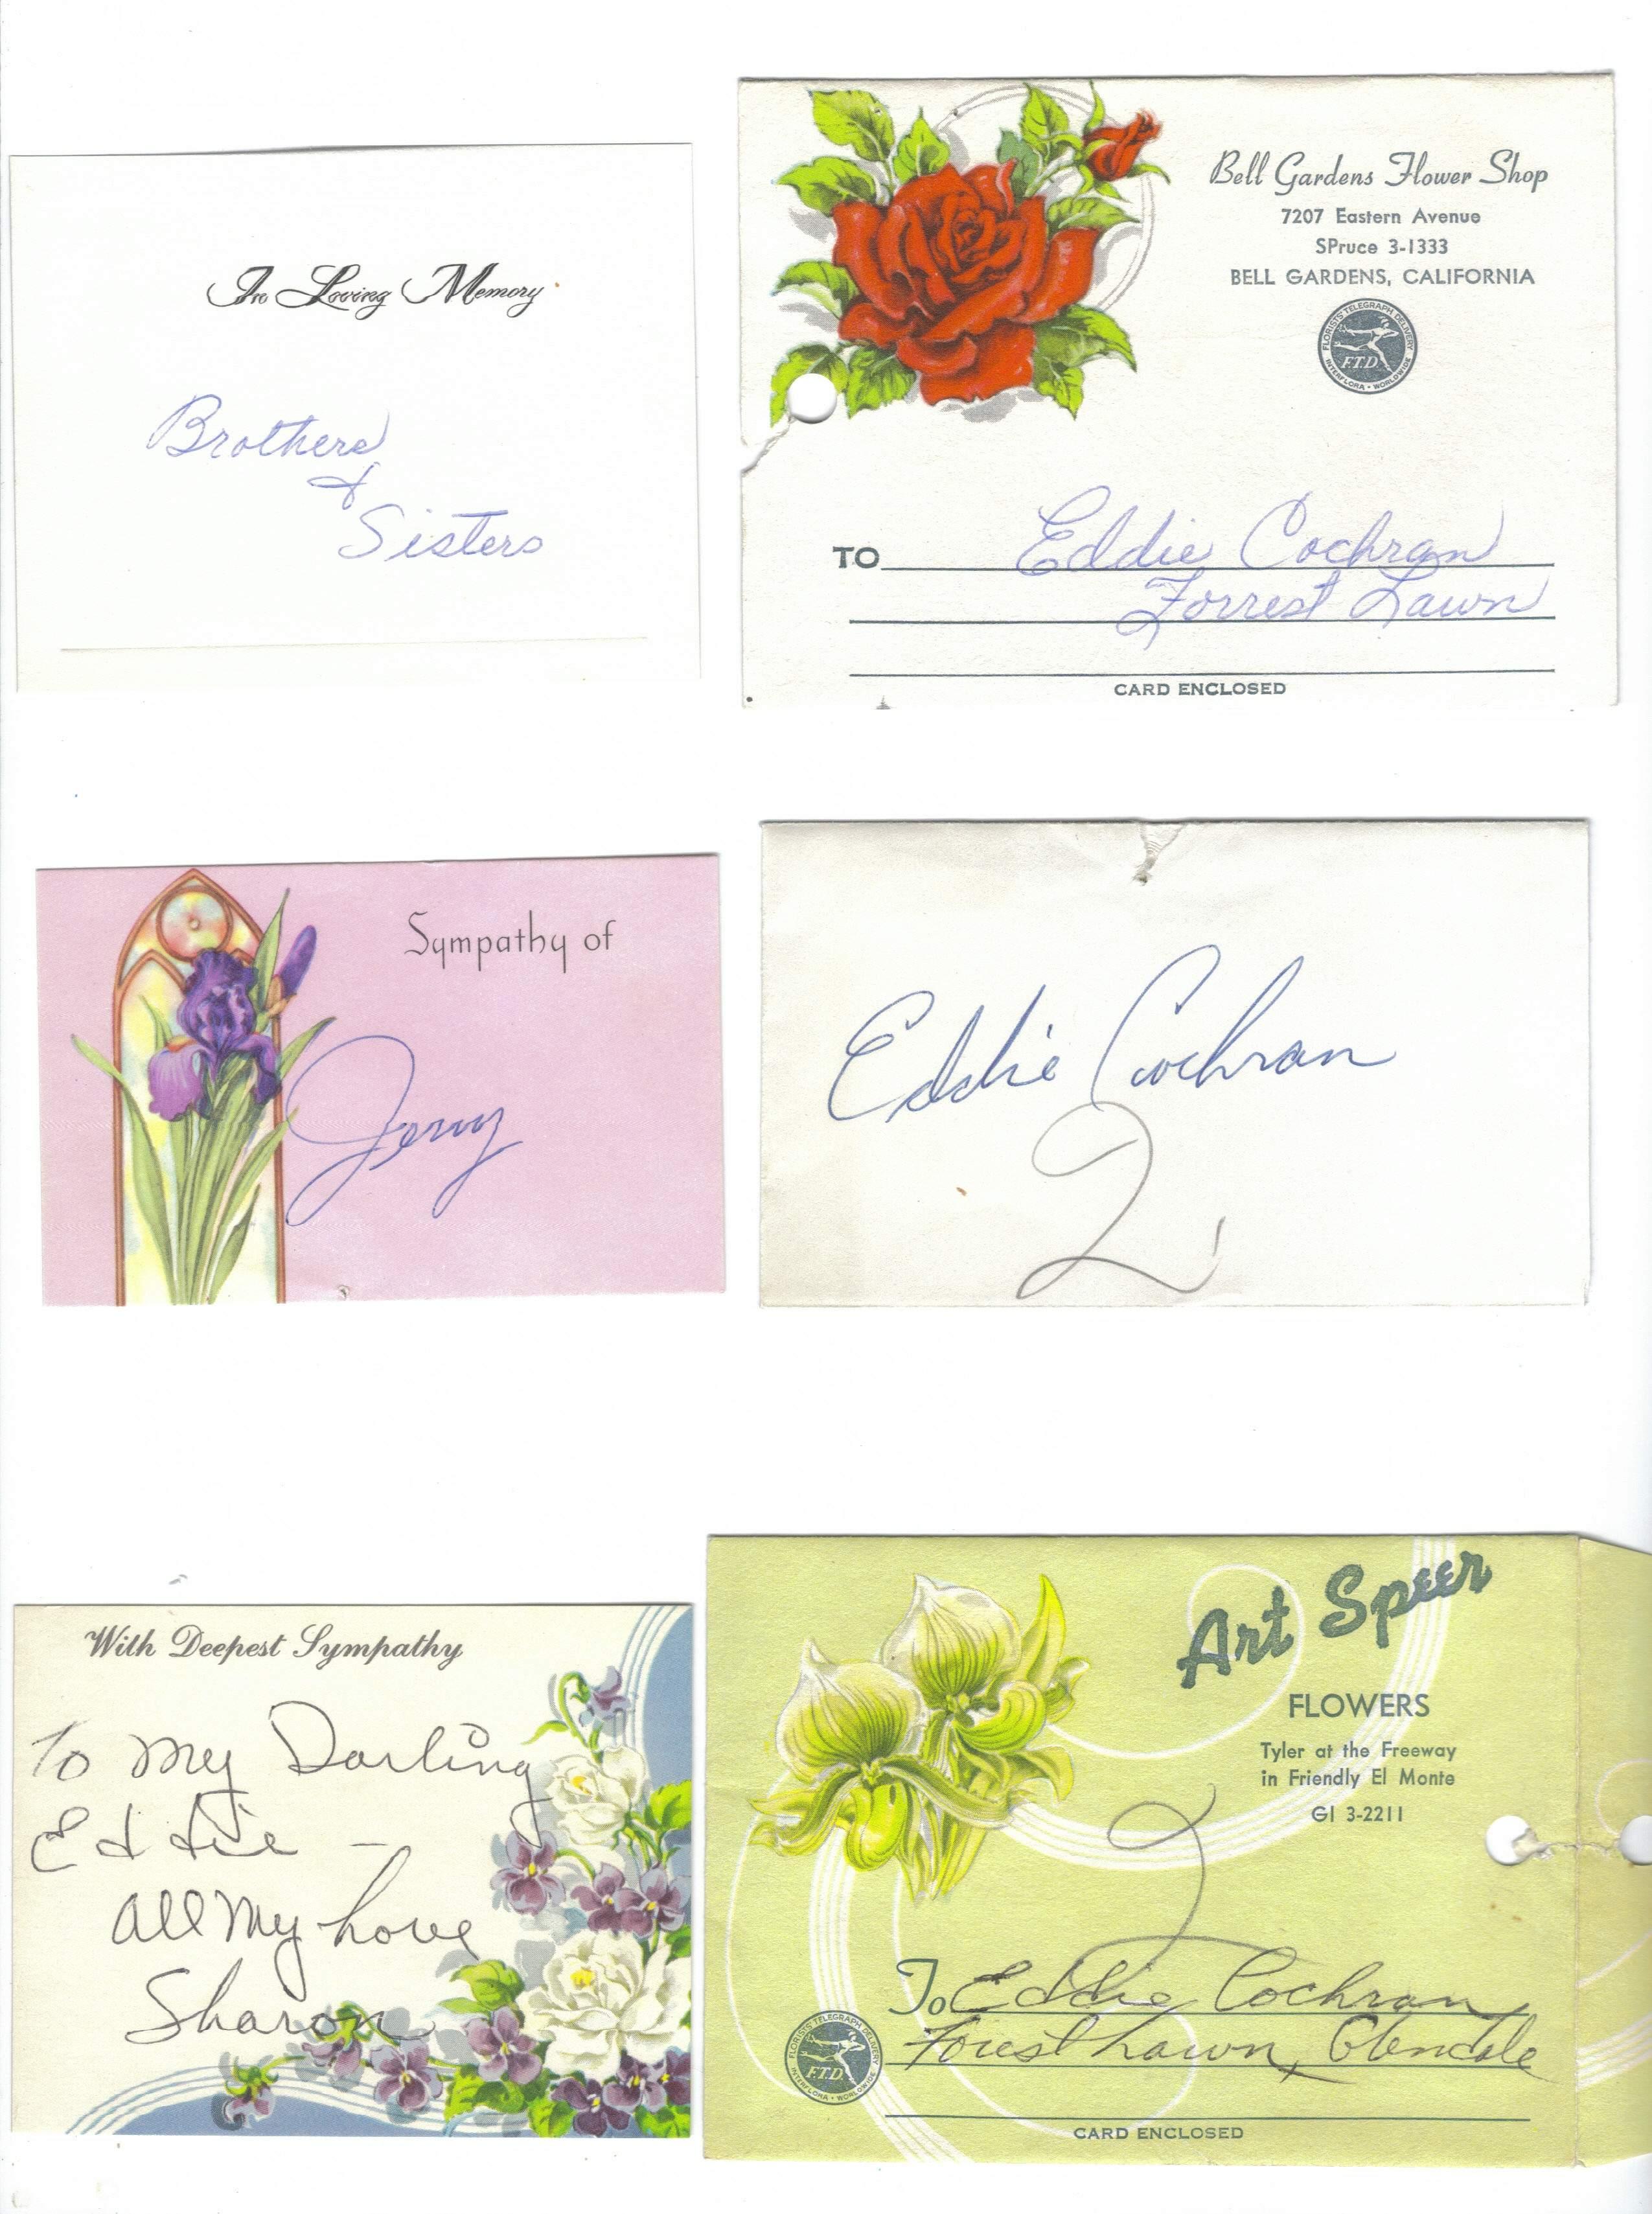 56456_Sympathy_cards_10_1_122_460lo.jpg